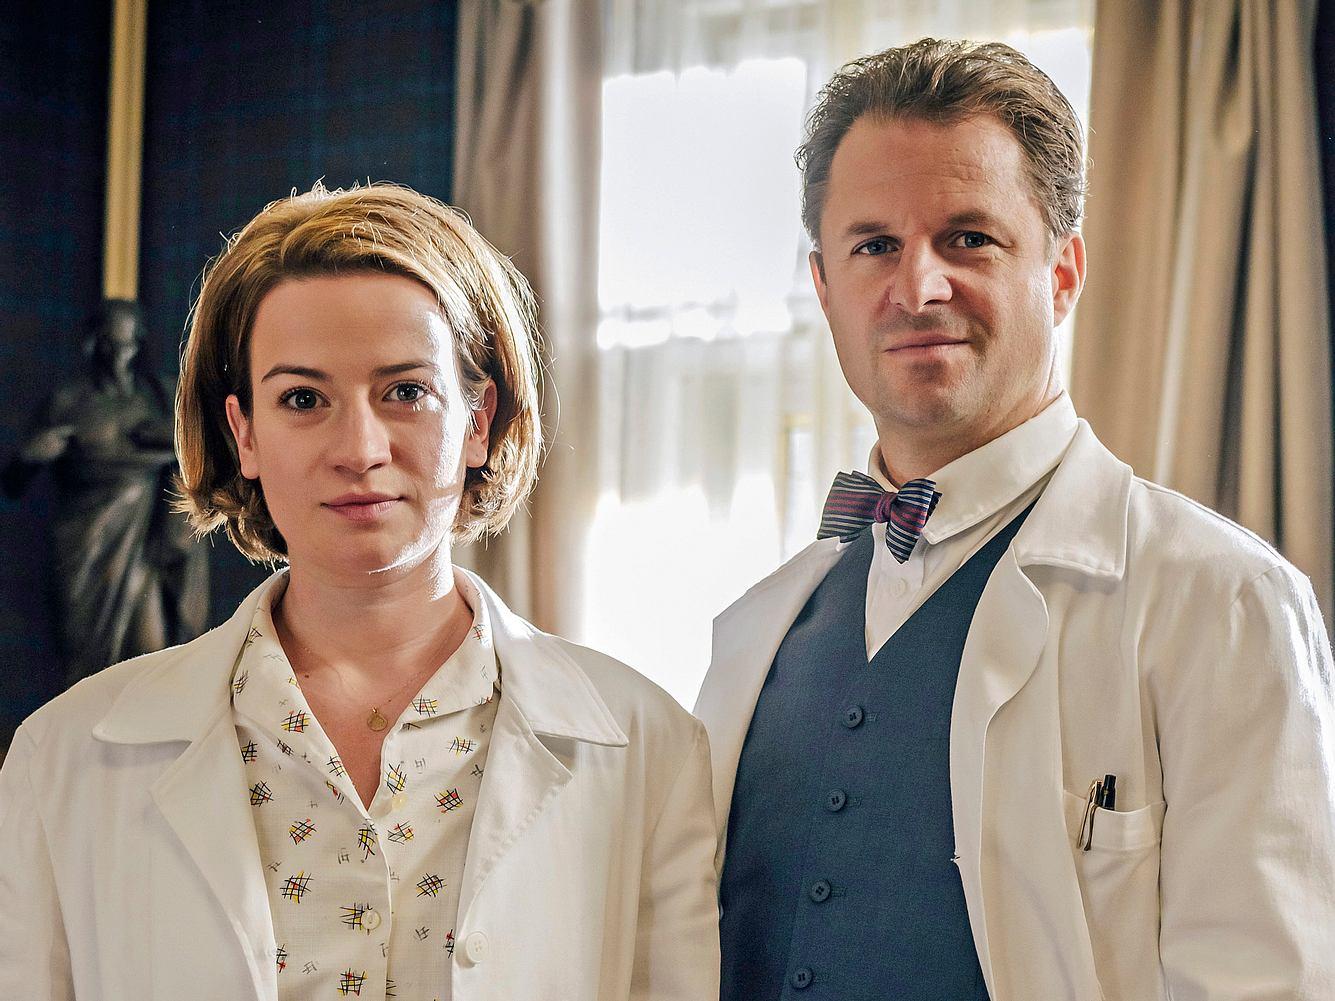 In Staffel 3 von 'Charité' geht es unter anderem um Dr. Ella Wendt (Nina Gummich, l.) und Prof. Dr. Otto Prokop (Philipp Hochmair, r.).